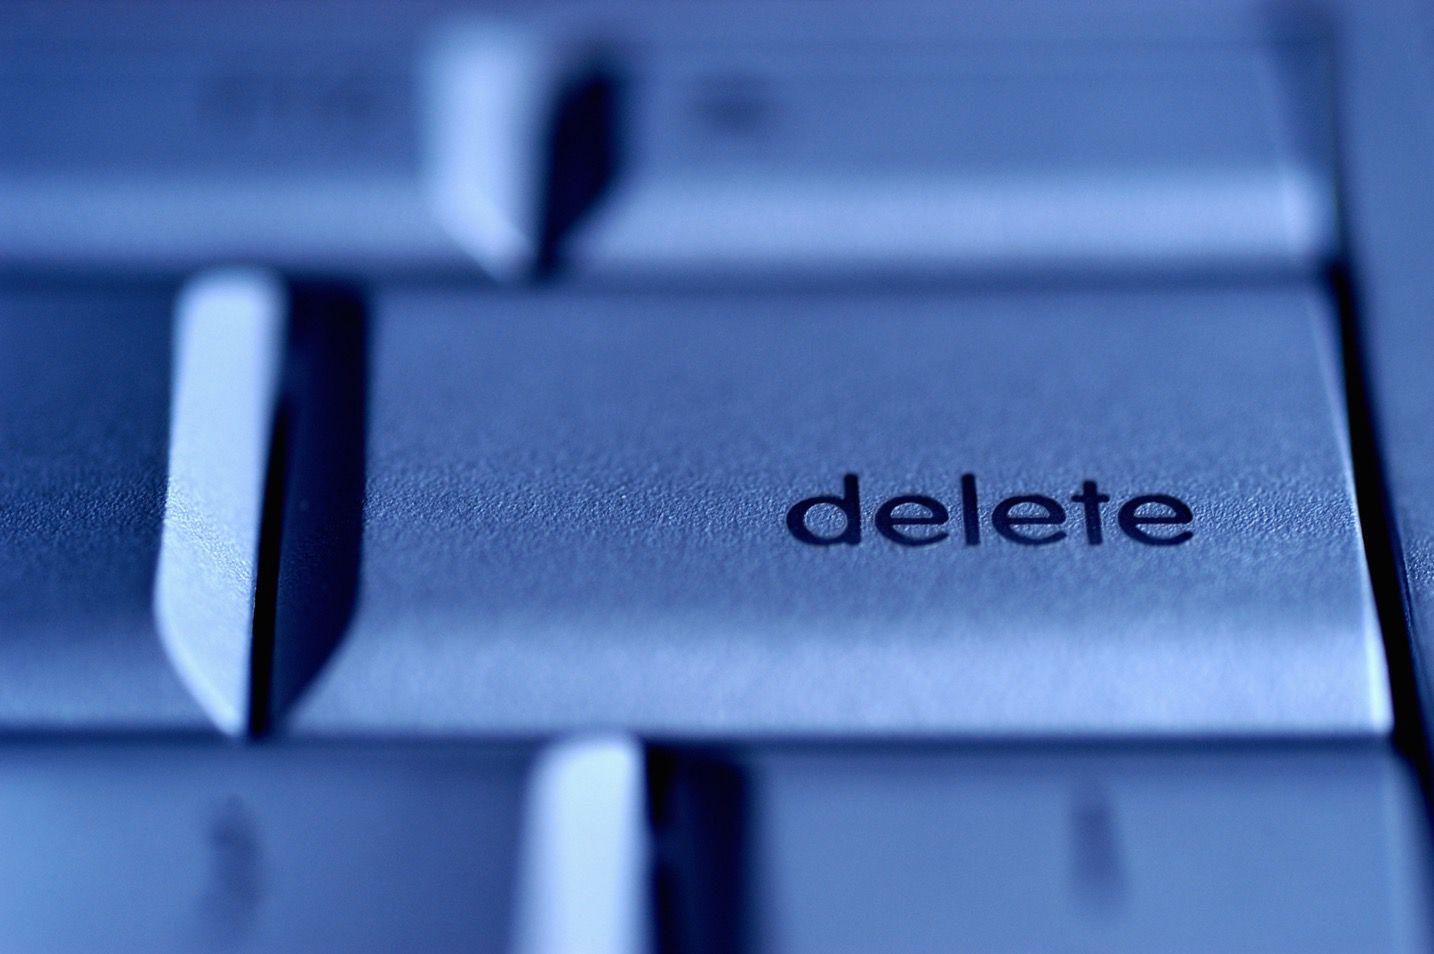 Delete-hires.jpg